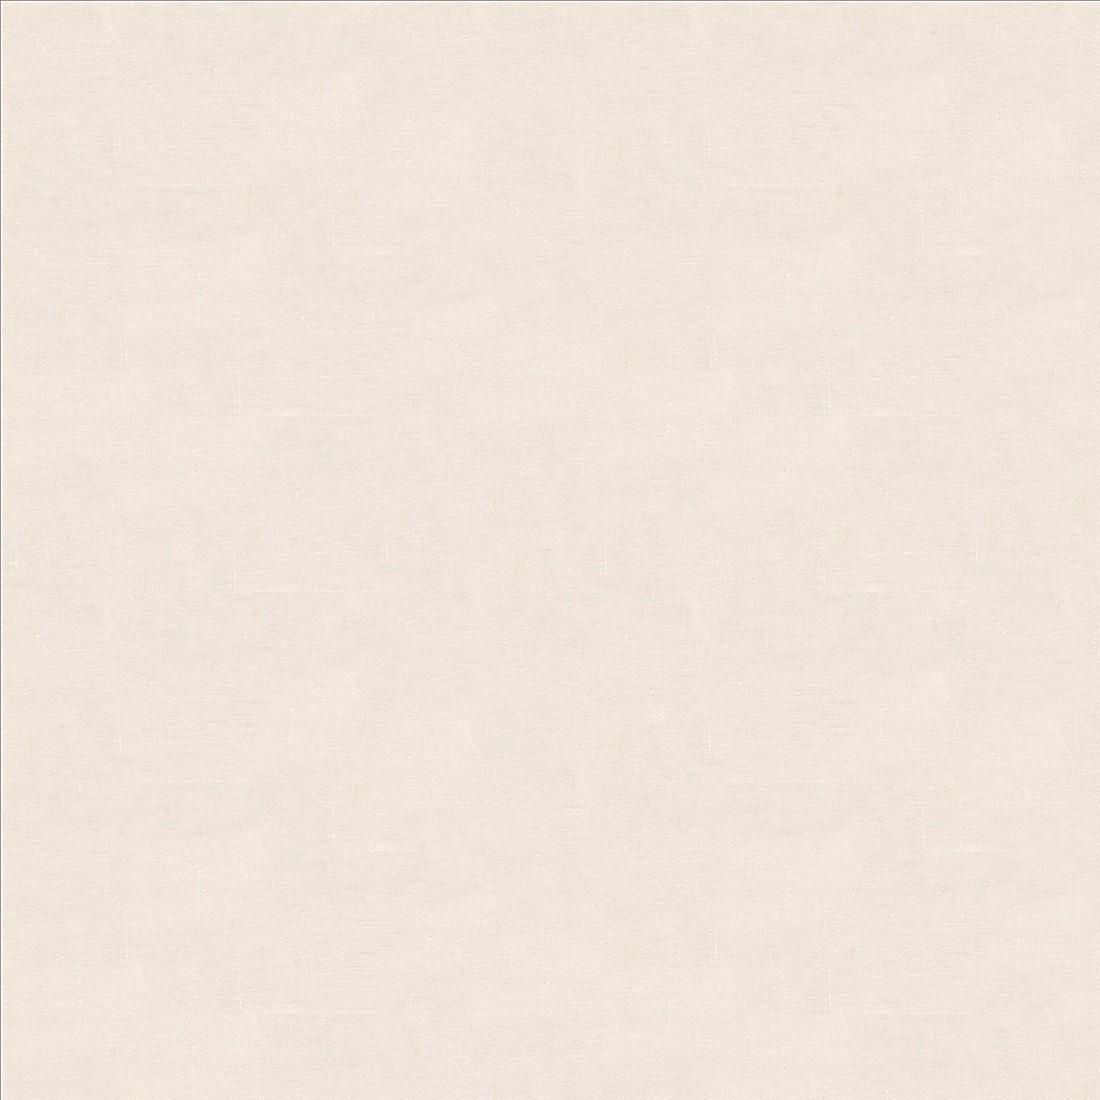 Tischdecke Classic – Sahne – 170 x 280 cm, Villeroy&Boch jetzt bestellen